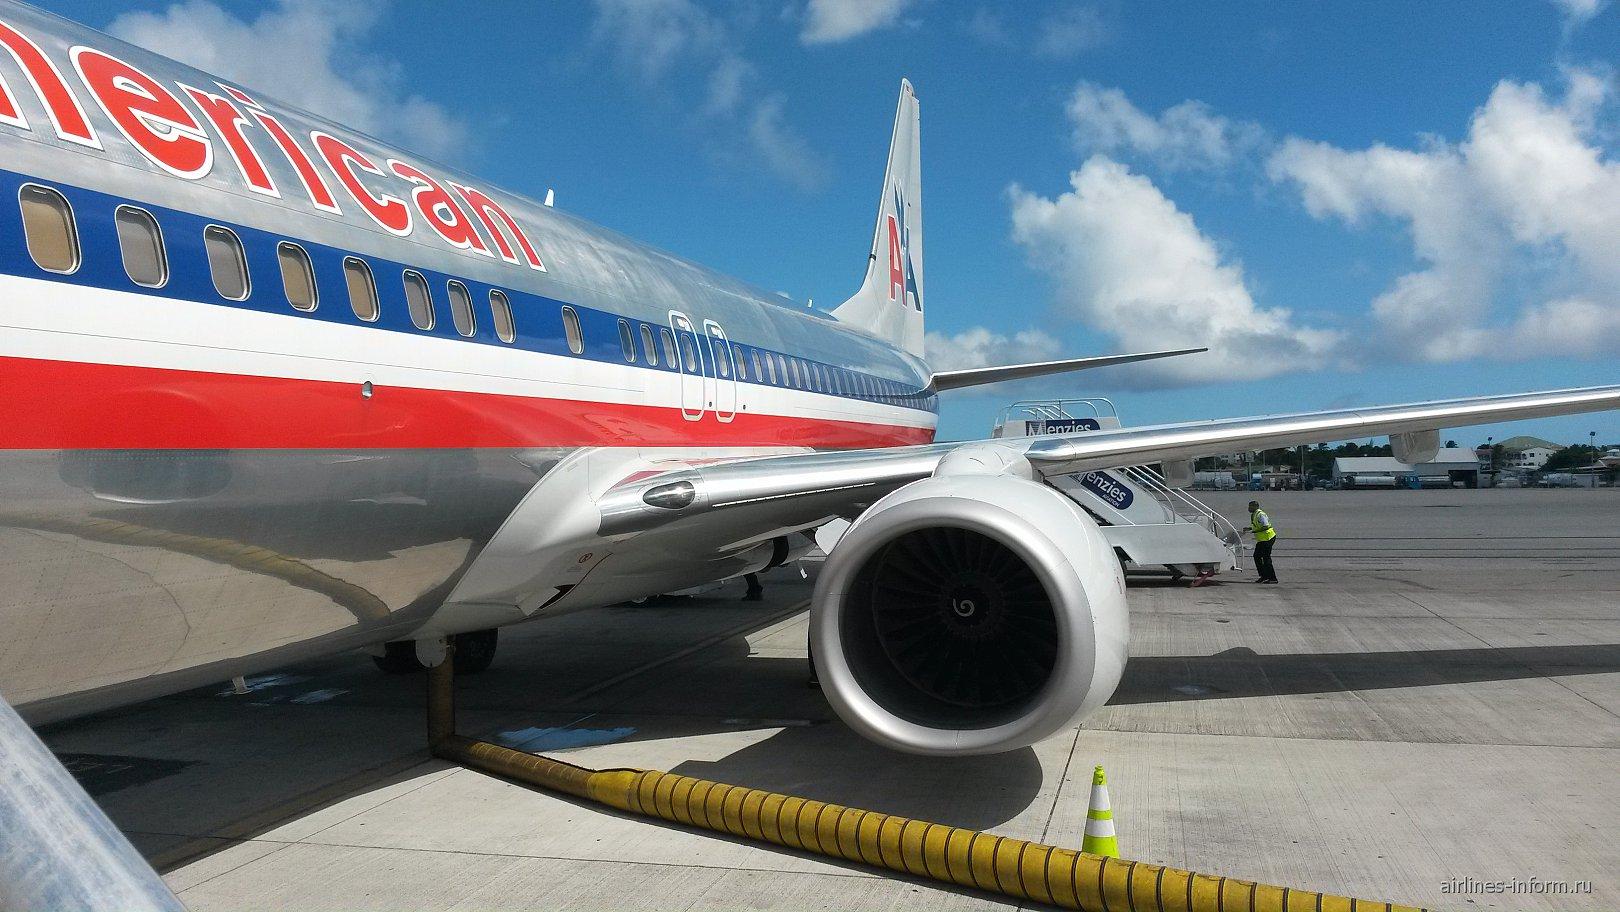 Из Лондона на райский остров. Часть 3. Синт Мартен - Майами с American Airlines или уютнейшая гавань райского острова